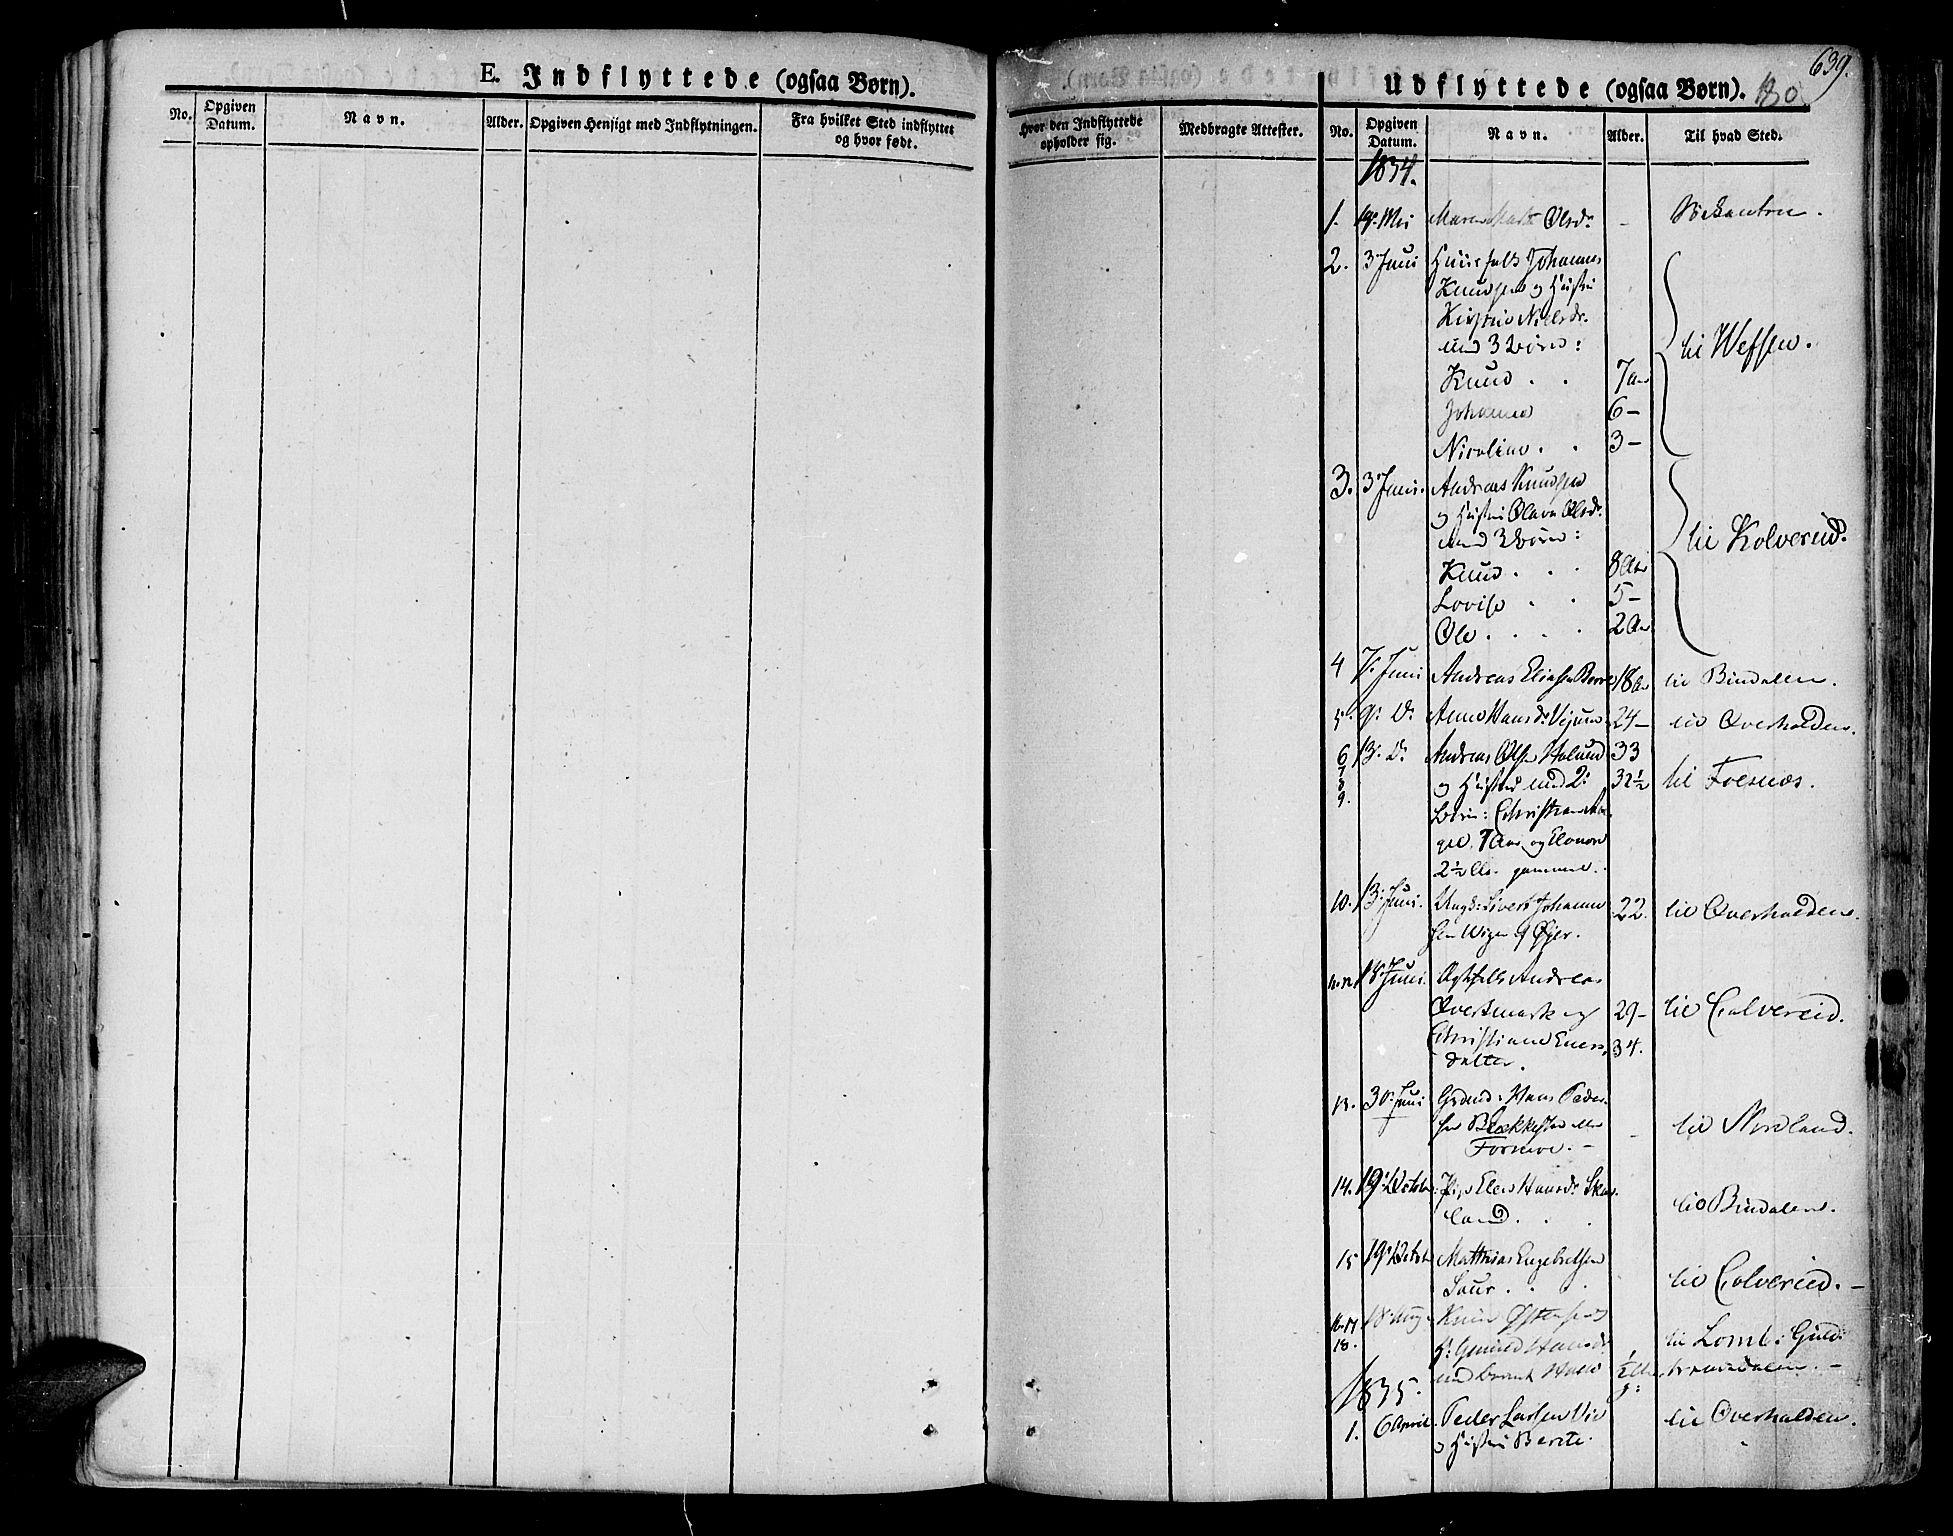 SAT, Ministerialprotokoller, klokkerbøker og fødselsregistre - Nord-Trøndelag, 758/L0510: Ministerialbok nr. 758A01 /1, 1821-1841, s. 180